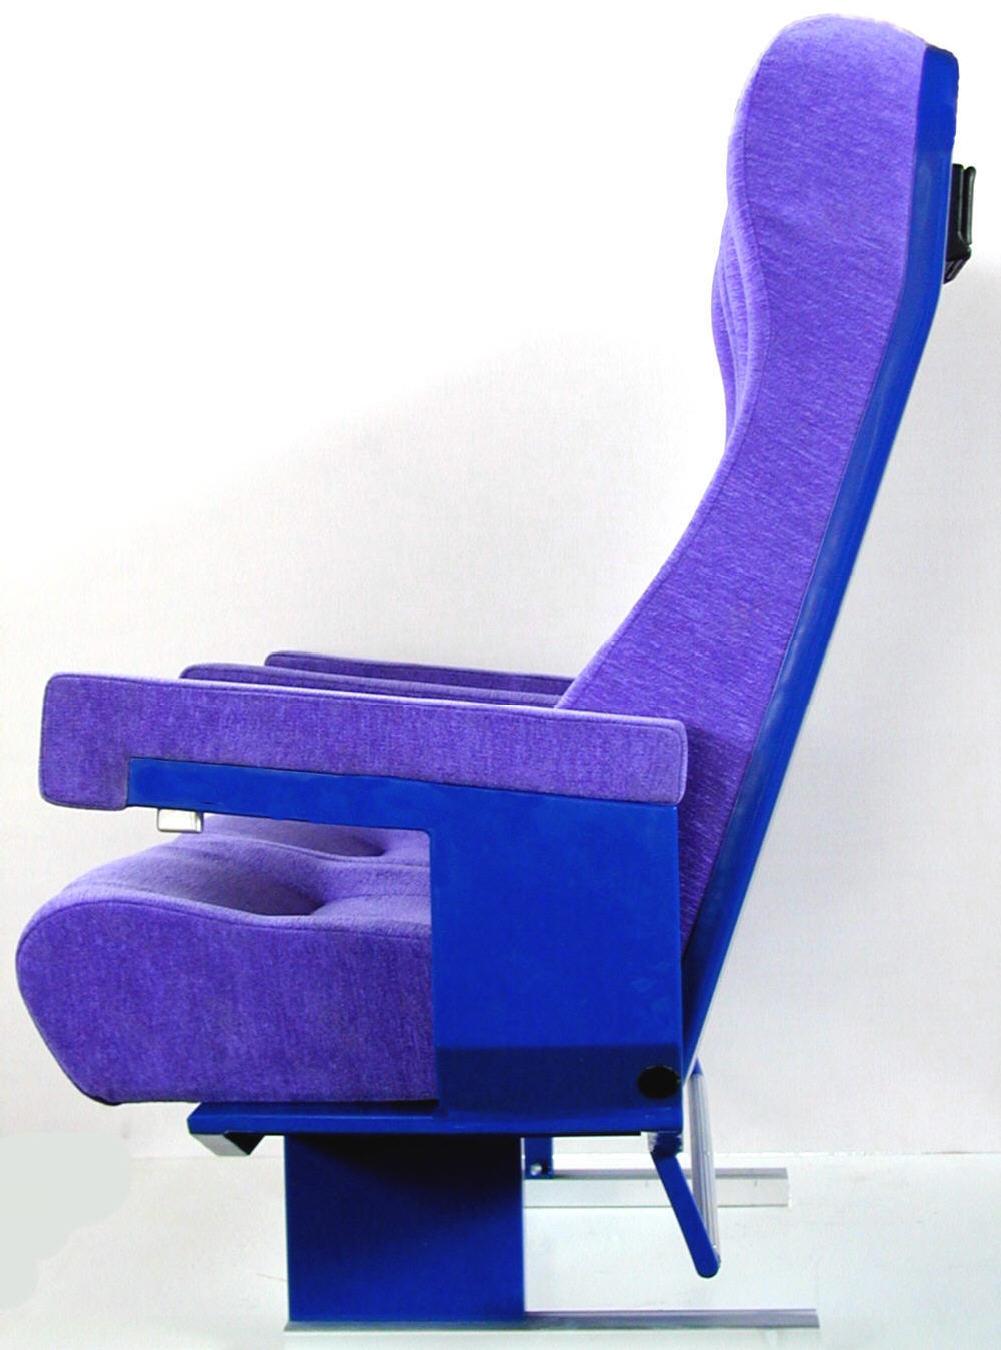 Κάθισμα, διπλό τύπου  I.C.  Α θέση 1